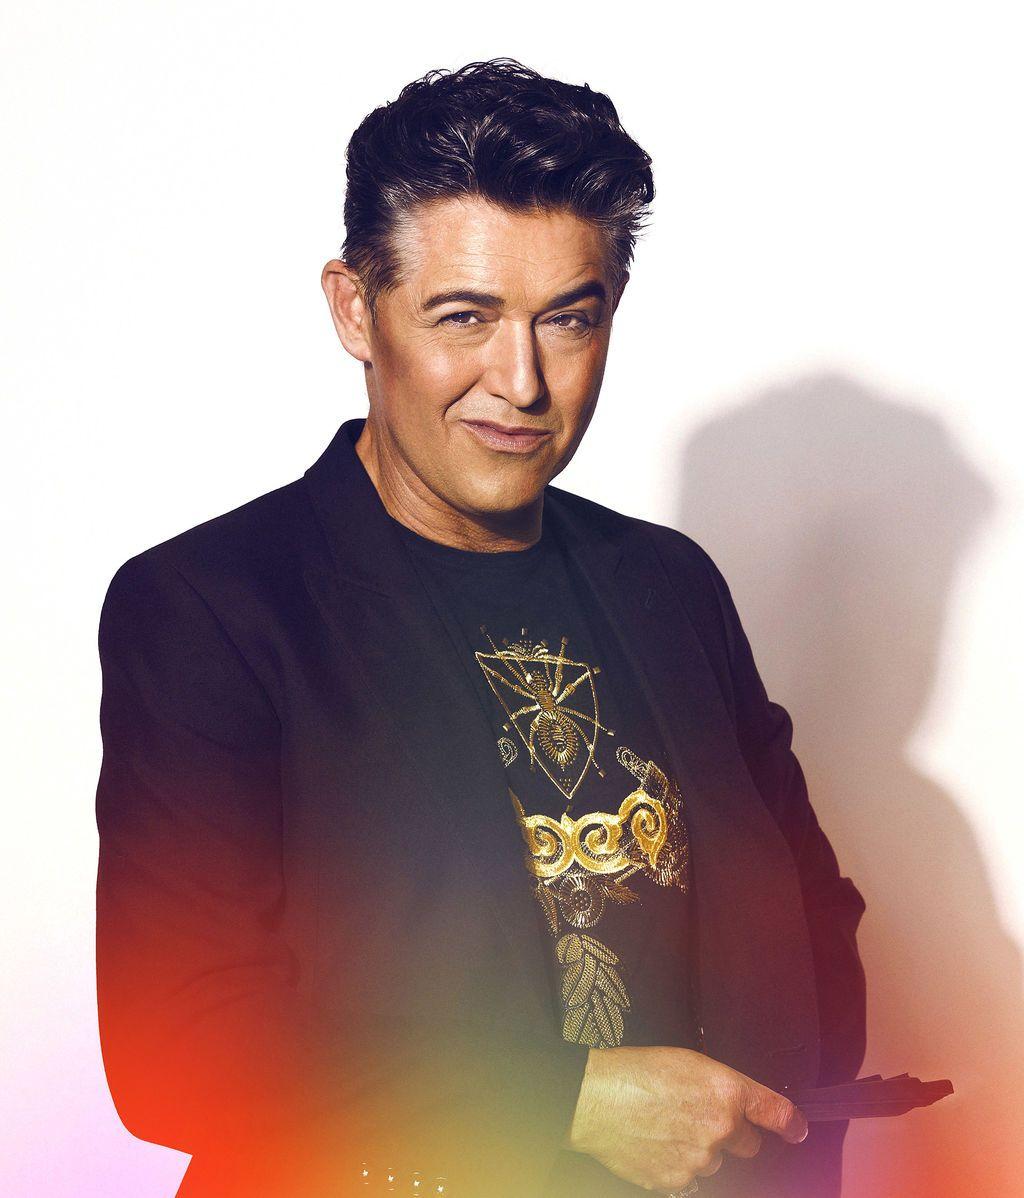 Ángel Garó. Actor. Málaga. 54 años